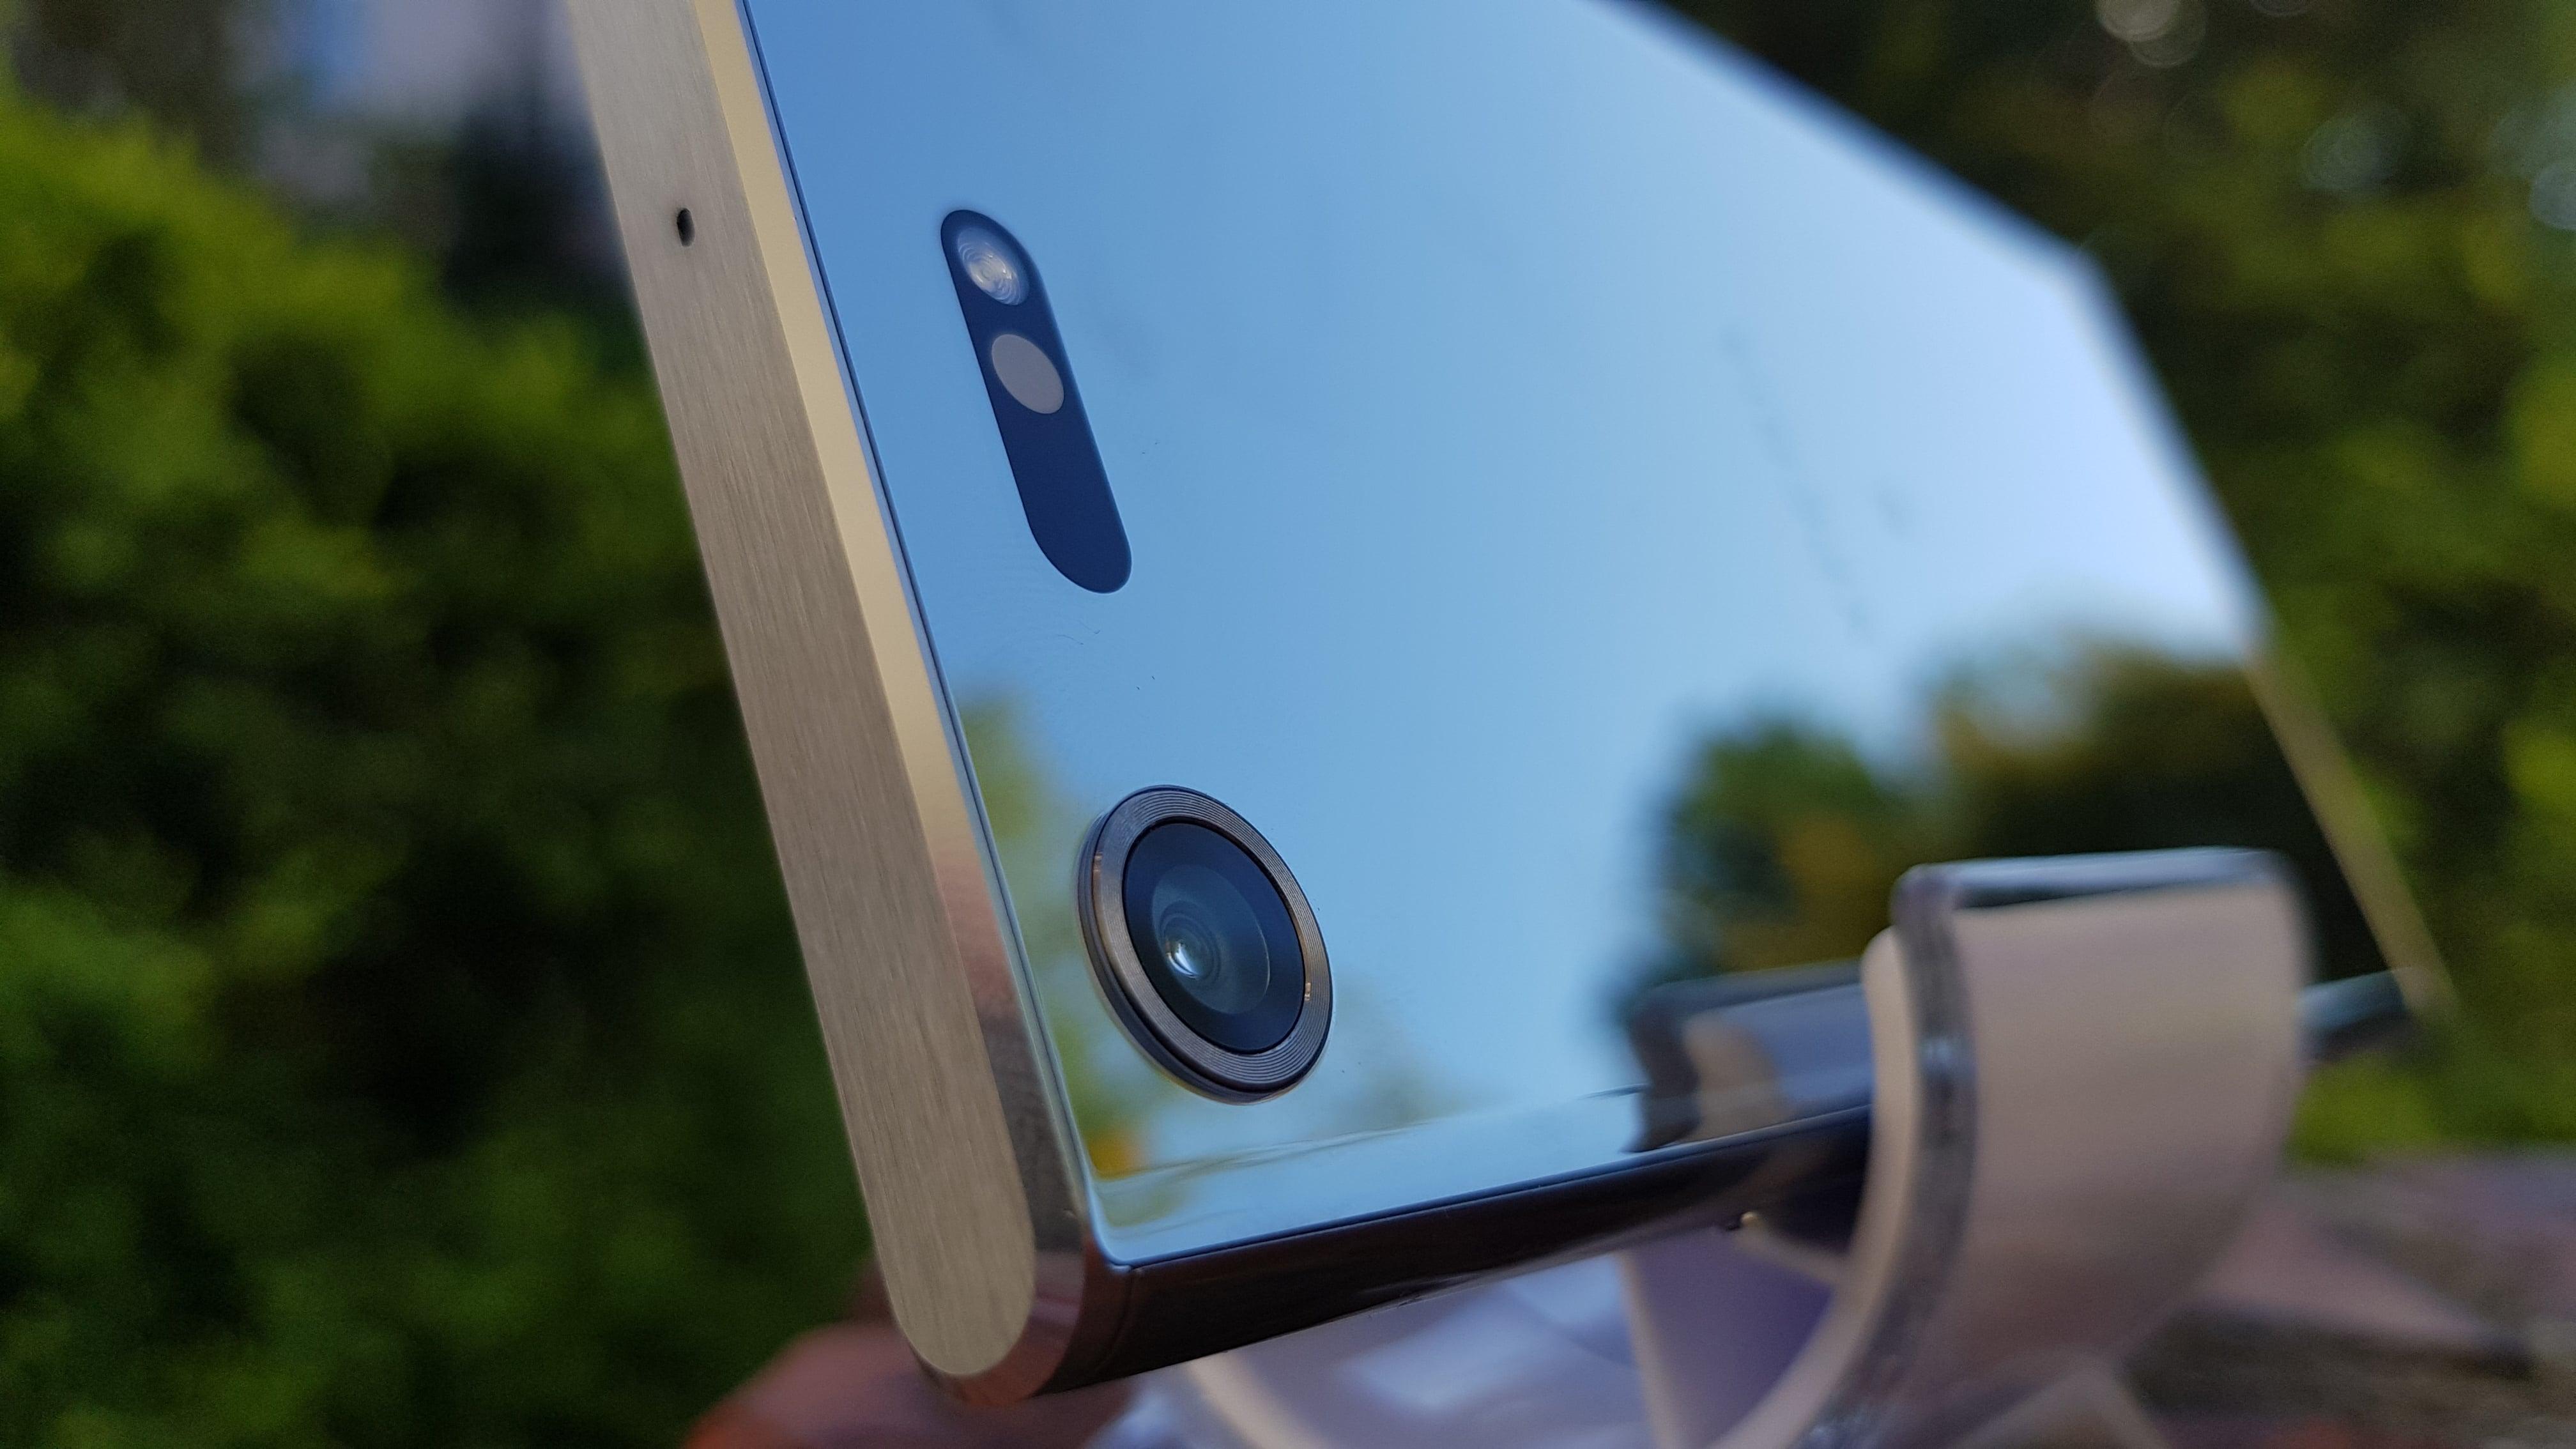 Tabletowo.pl Sony Xperia XZ1 - wyciekają konkretne zdjęcia prasowe Android Plotki / Przecieki Smartfony Sony